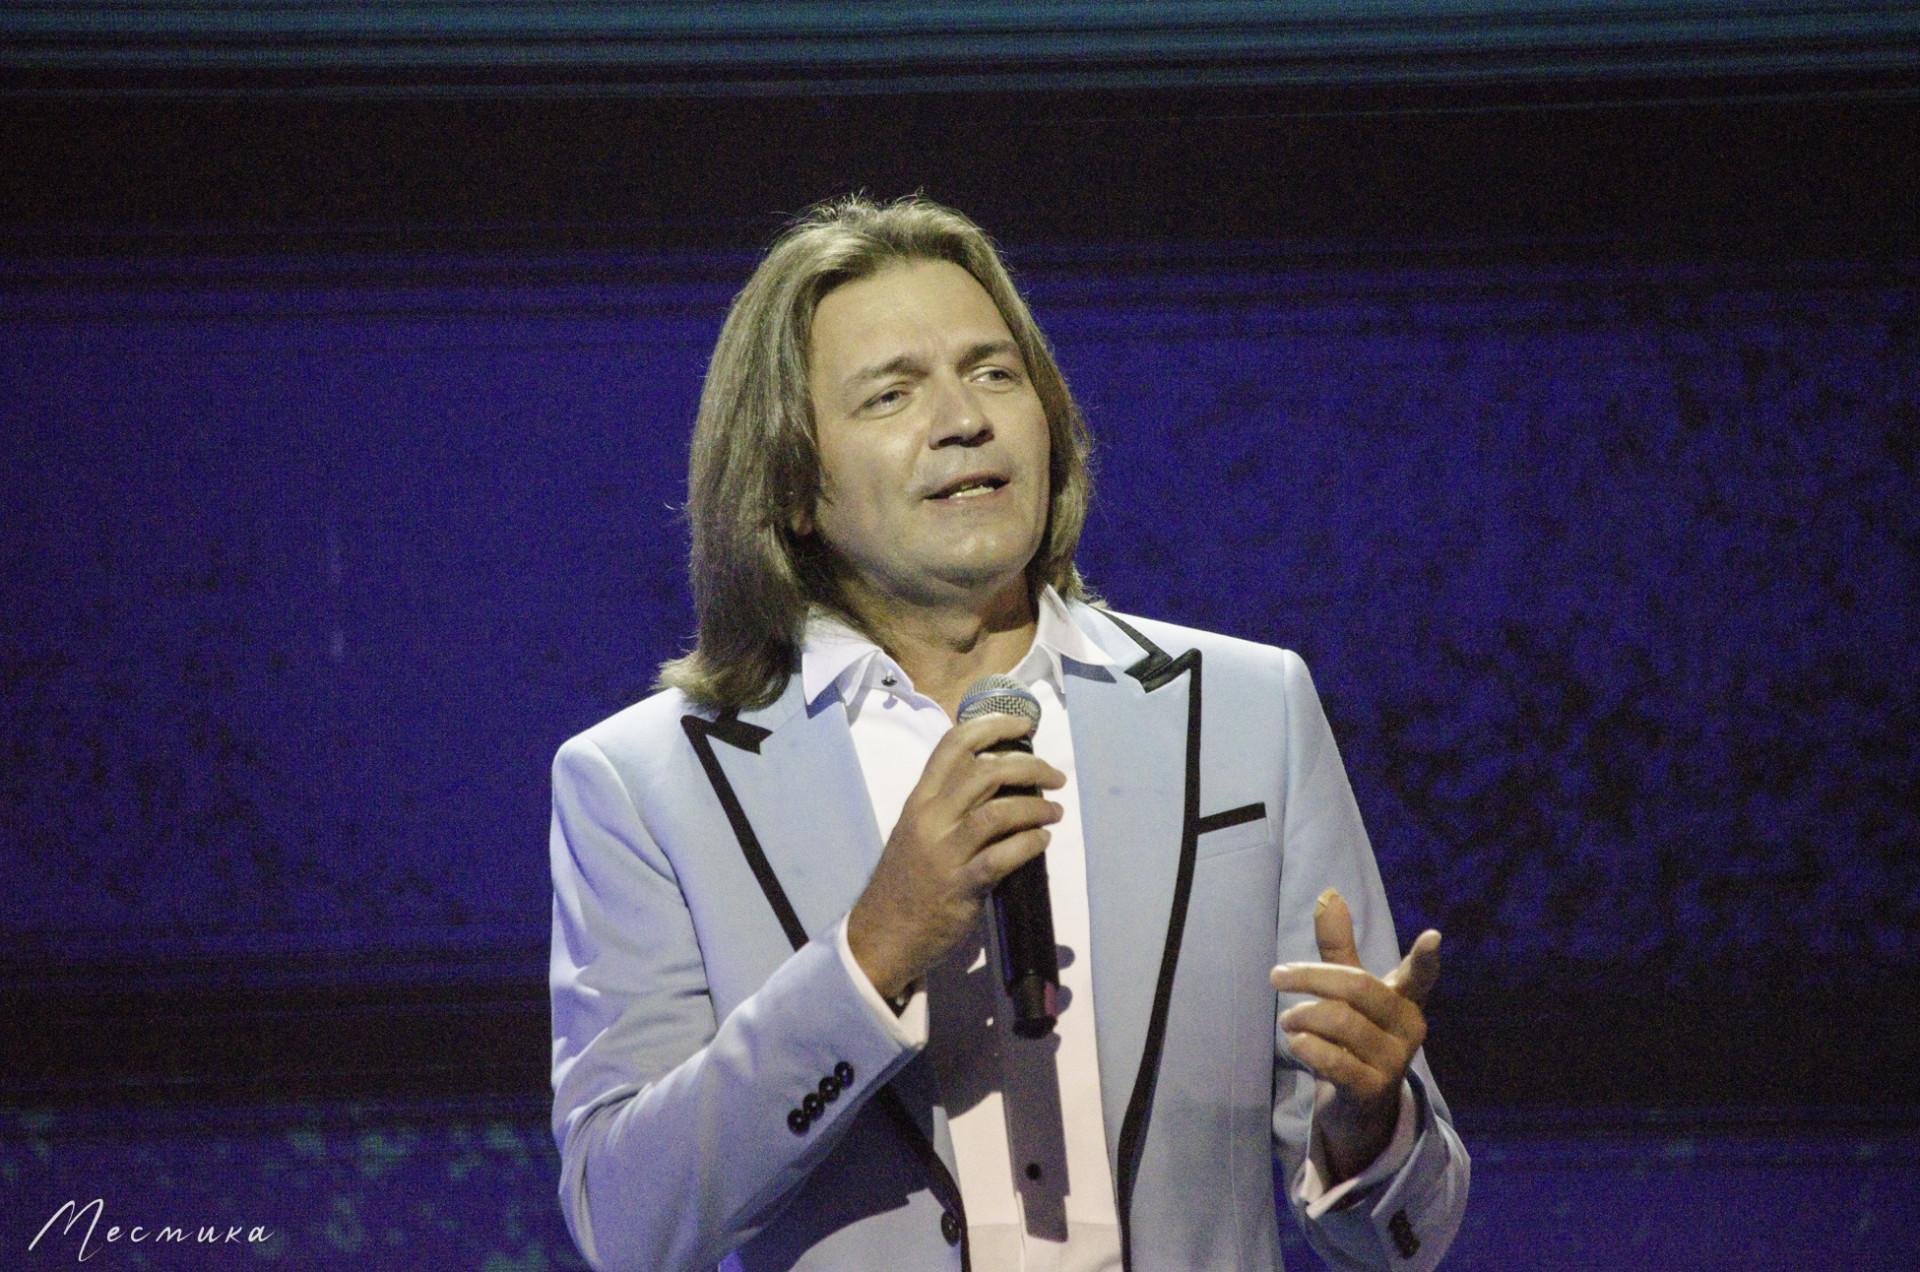 Дмитрий Маликов на сцене фестиваля Белые ночи Санкт-Петербурга 11.07.2021